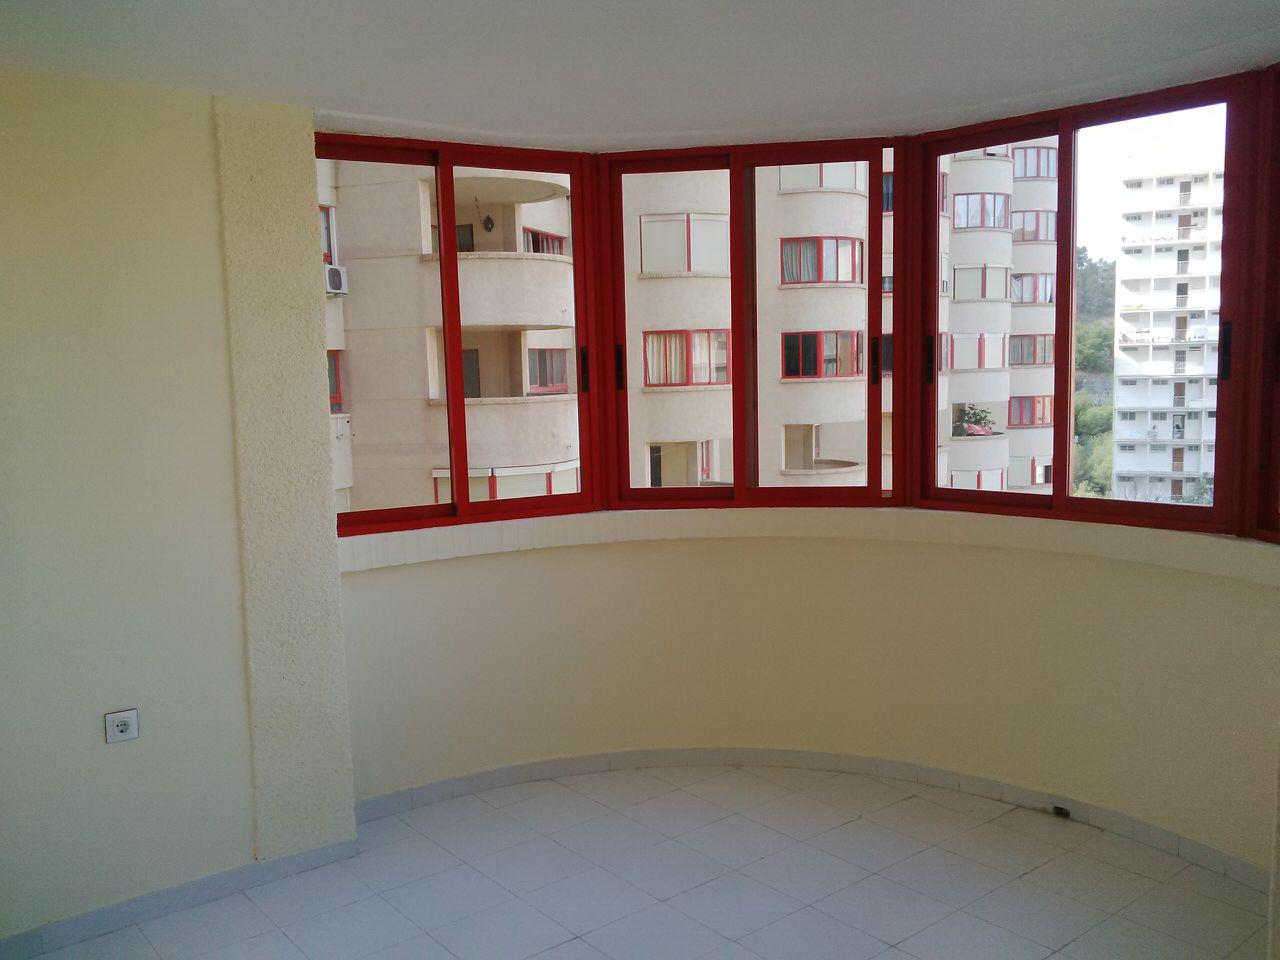 Piso en venta en El Racó de L`oix - El Rincón de Loix, Benidorm, Alicante, Calle Viena, 87.500 €, 2 habitaciones, 1 baño, 57 m2